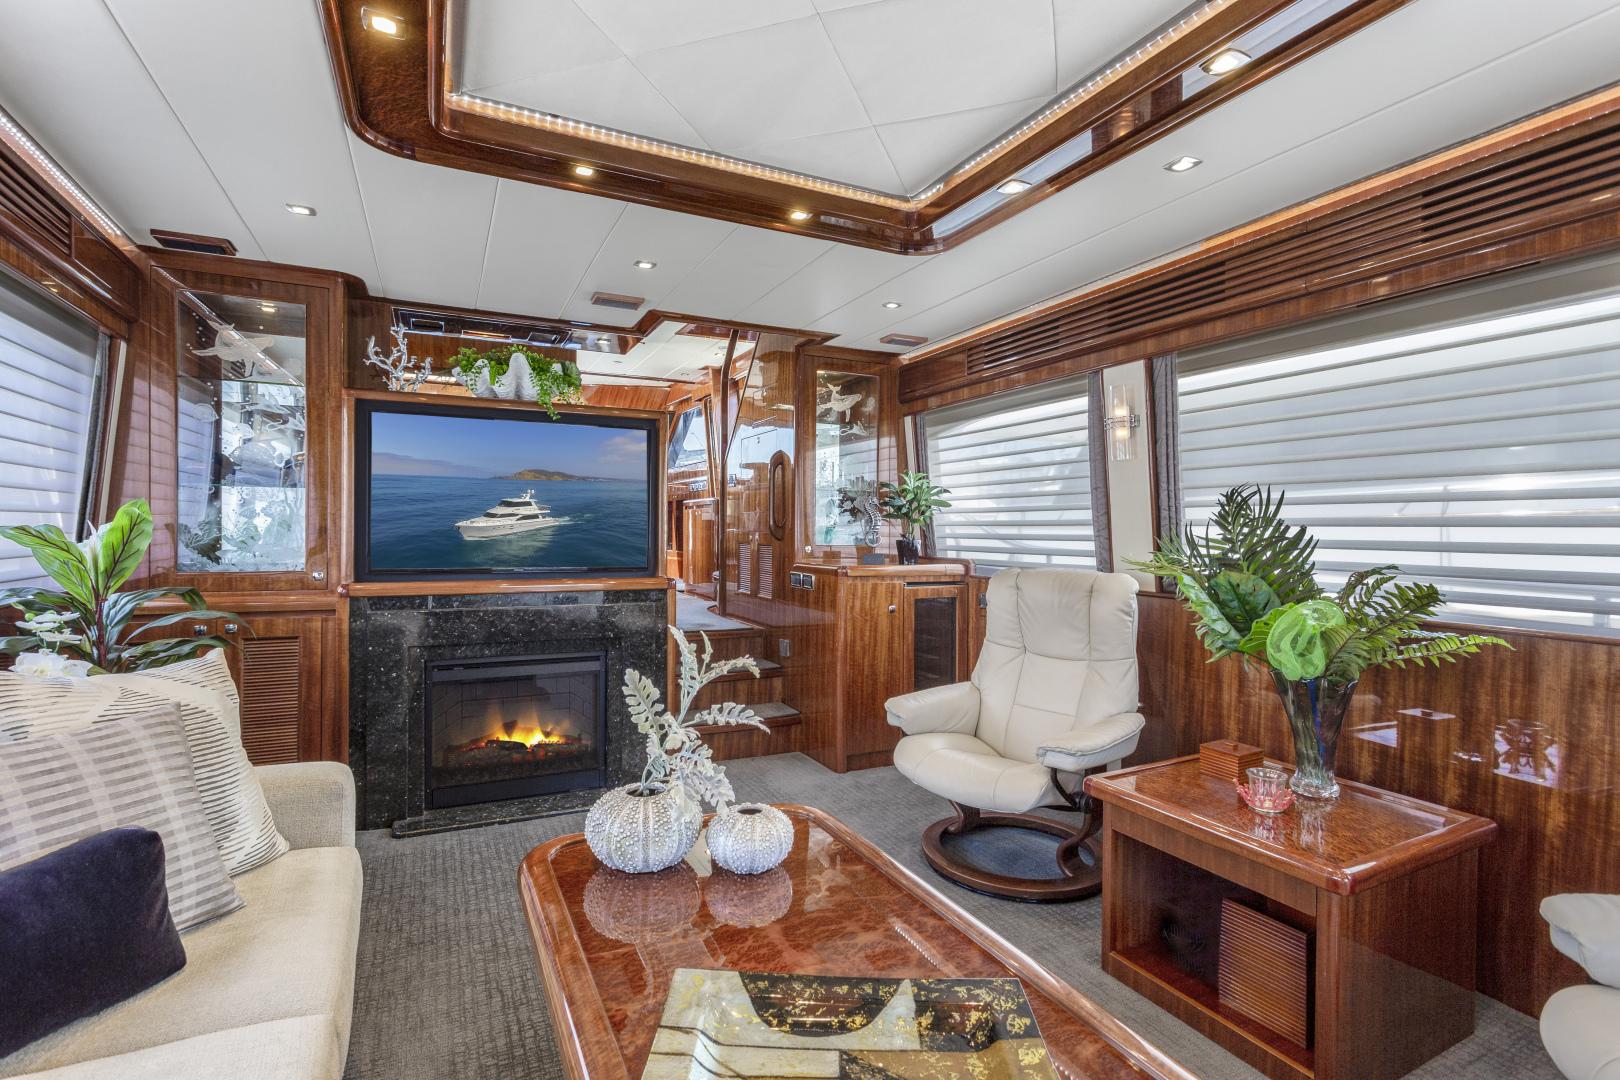 Hampton-76 Skylounge Motoryacht 2014-ODYSEA San Diego-California-United States-SALON-1165149 | Thumbnail